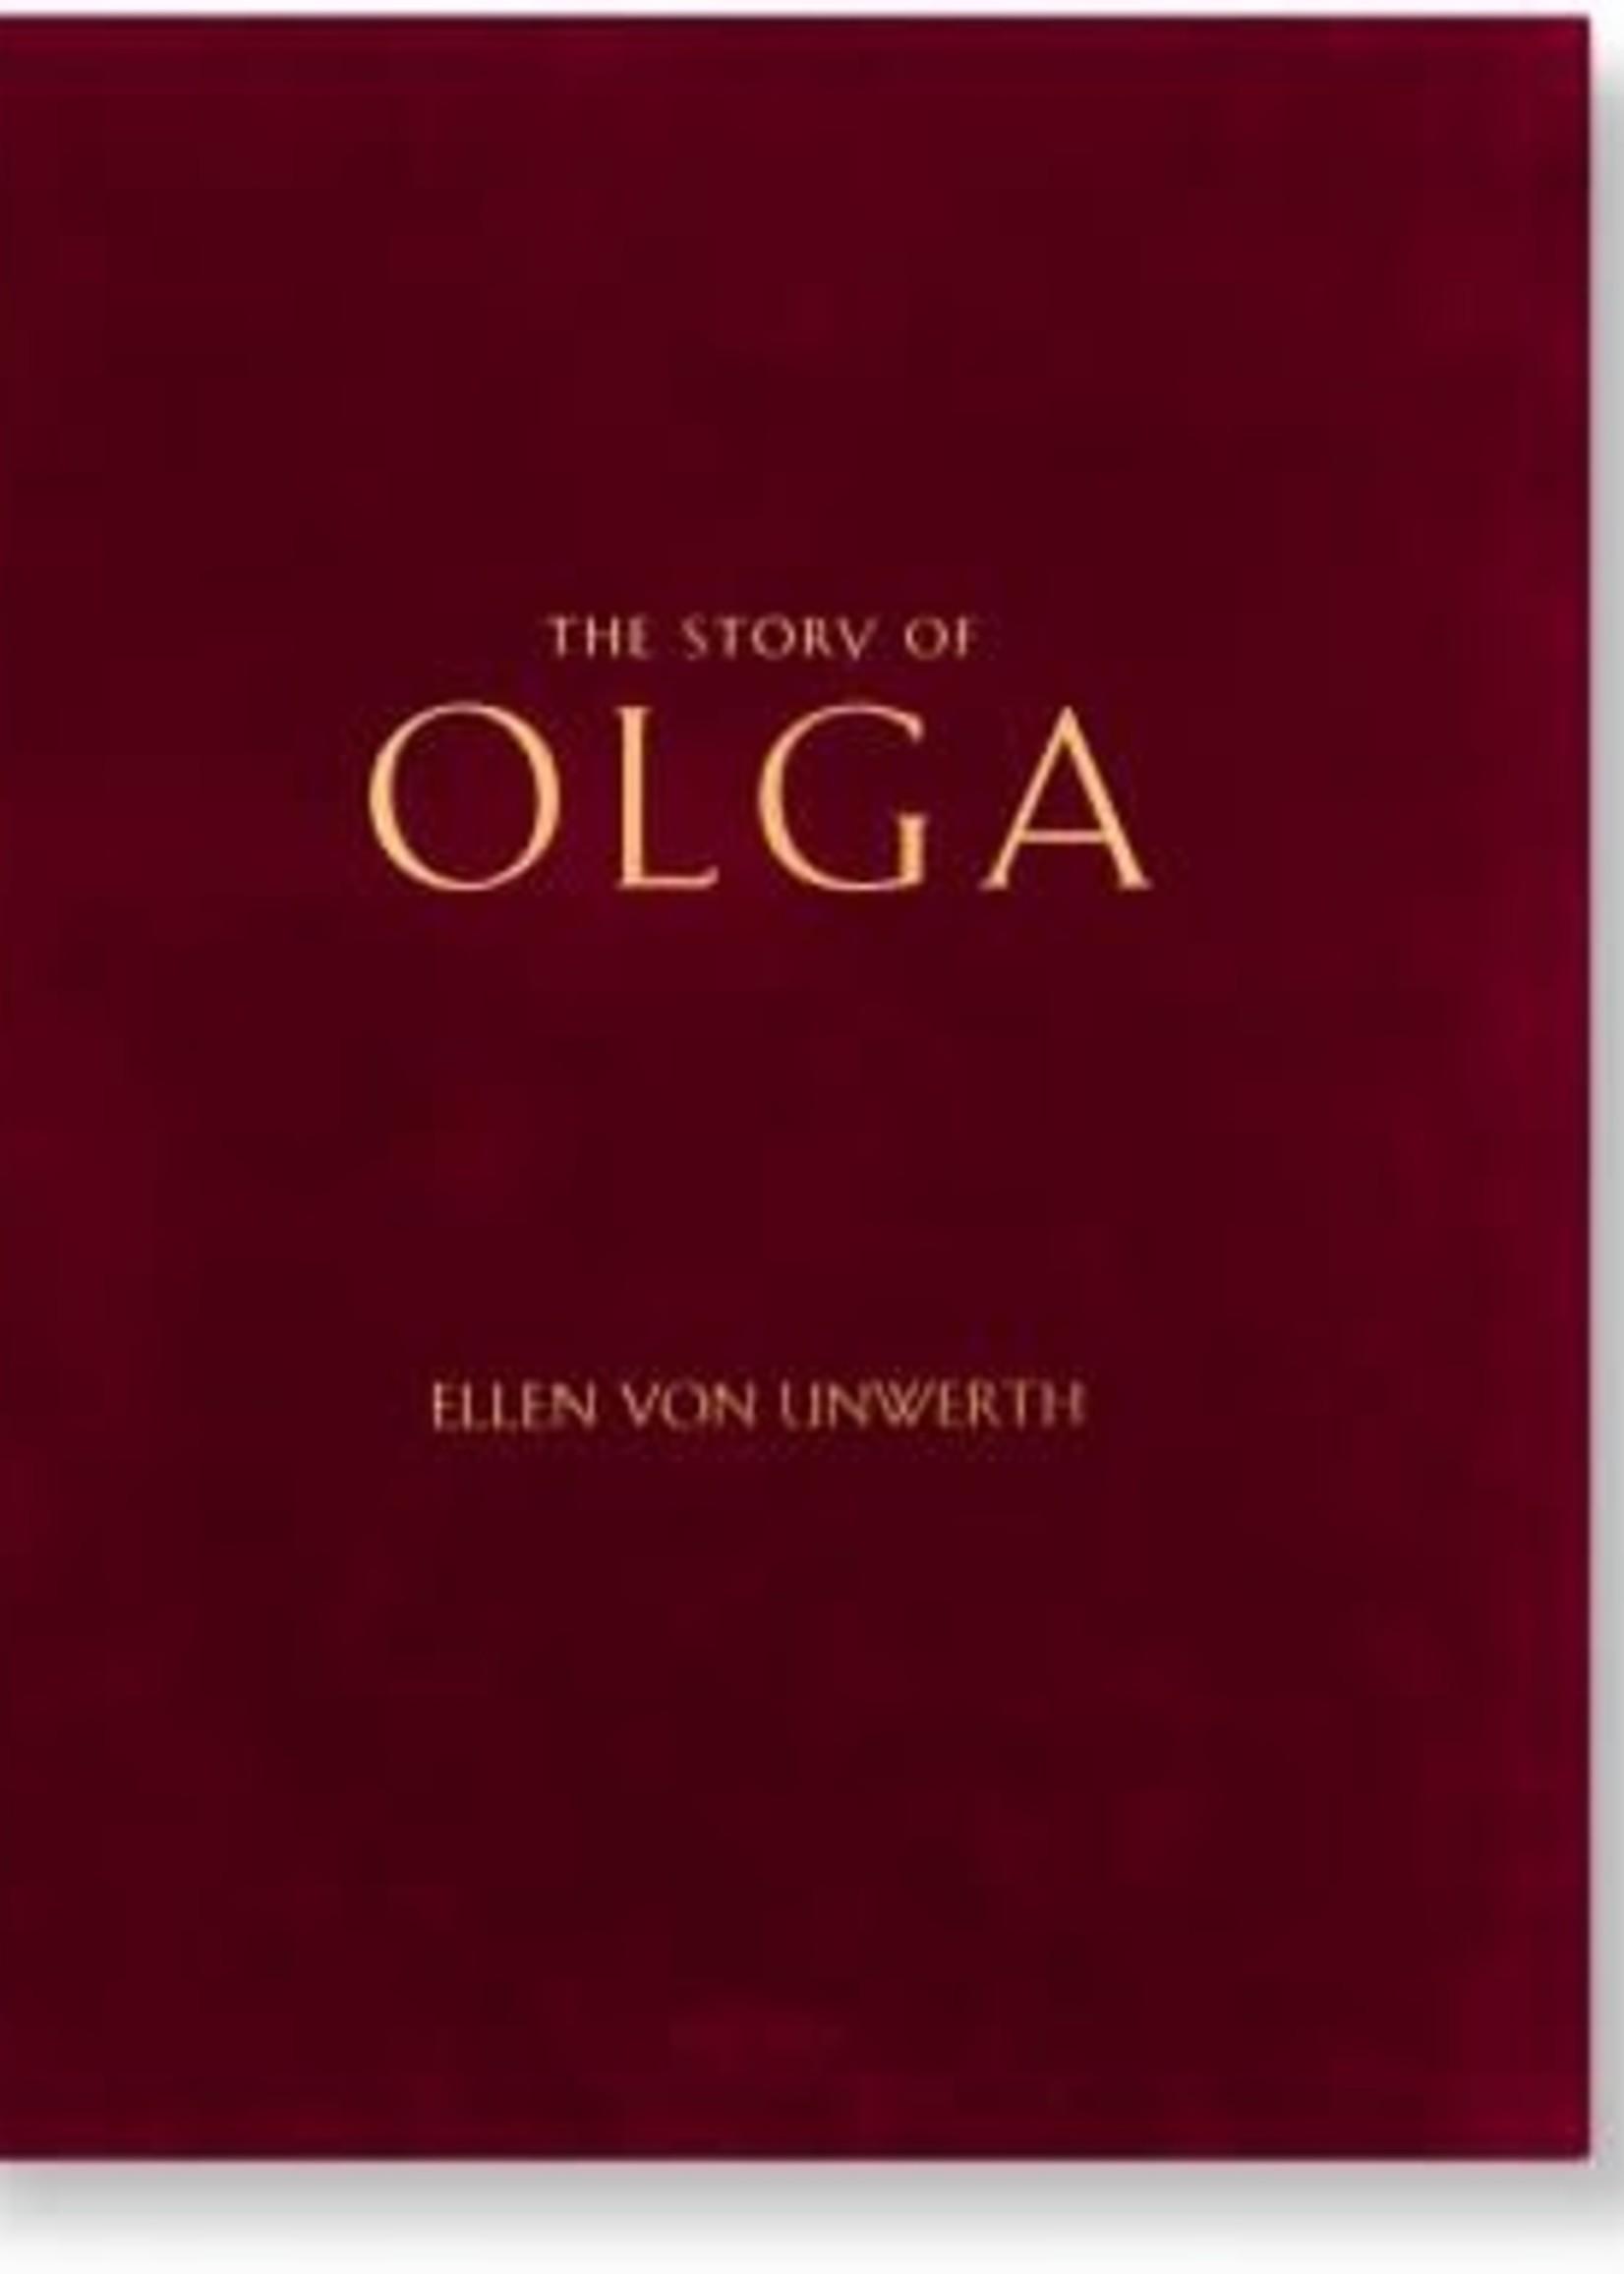 Taschen Taschen Ellen Von Unwerth LTD Edition